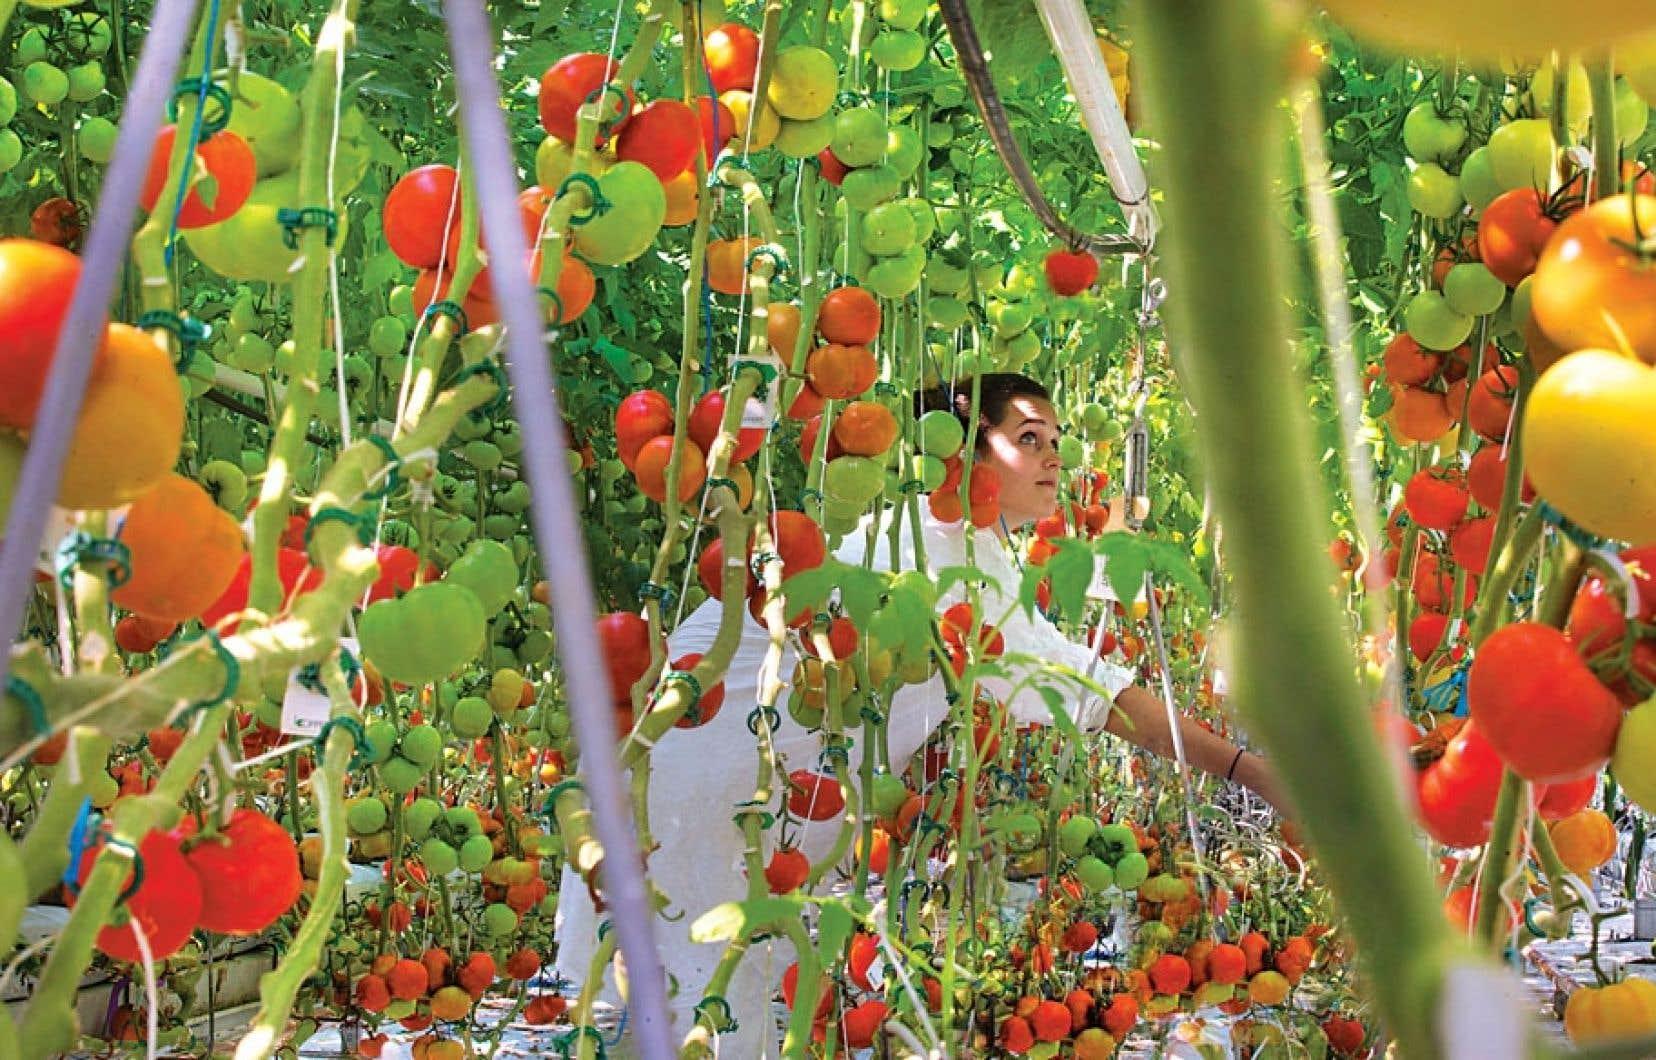 1000 à 1500 livres de légumes sont cueillis chaque jour en période estivale dans la serre des Fermes Lufa, installée sur le toit d'un édifice de Montréal.